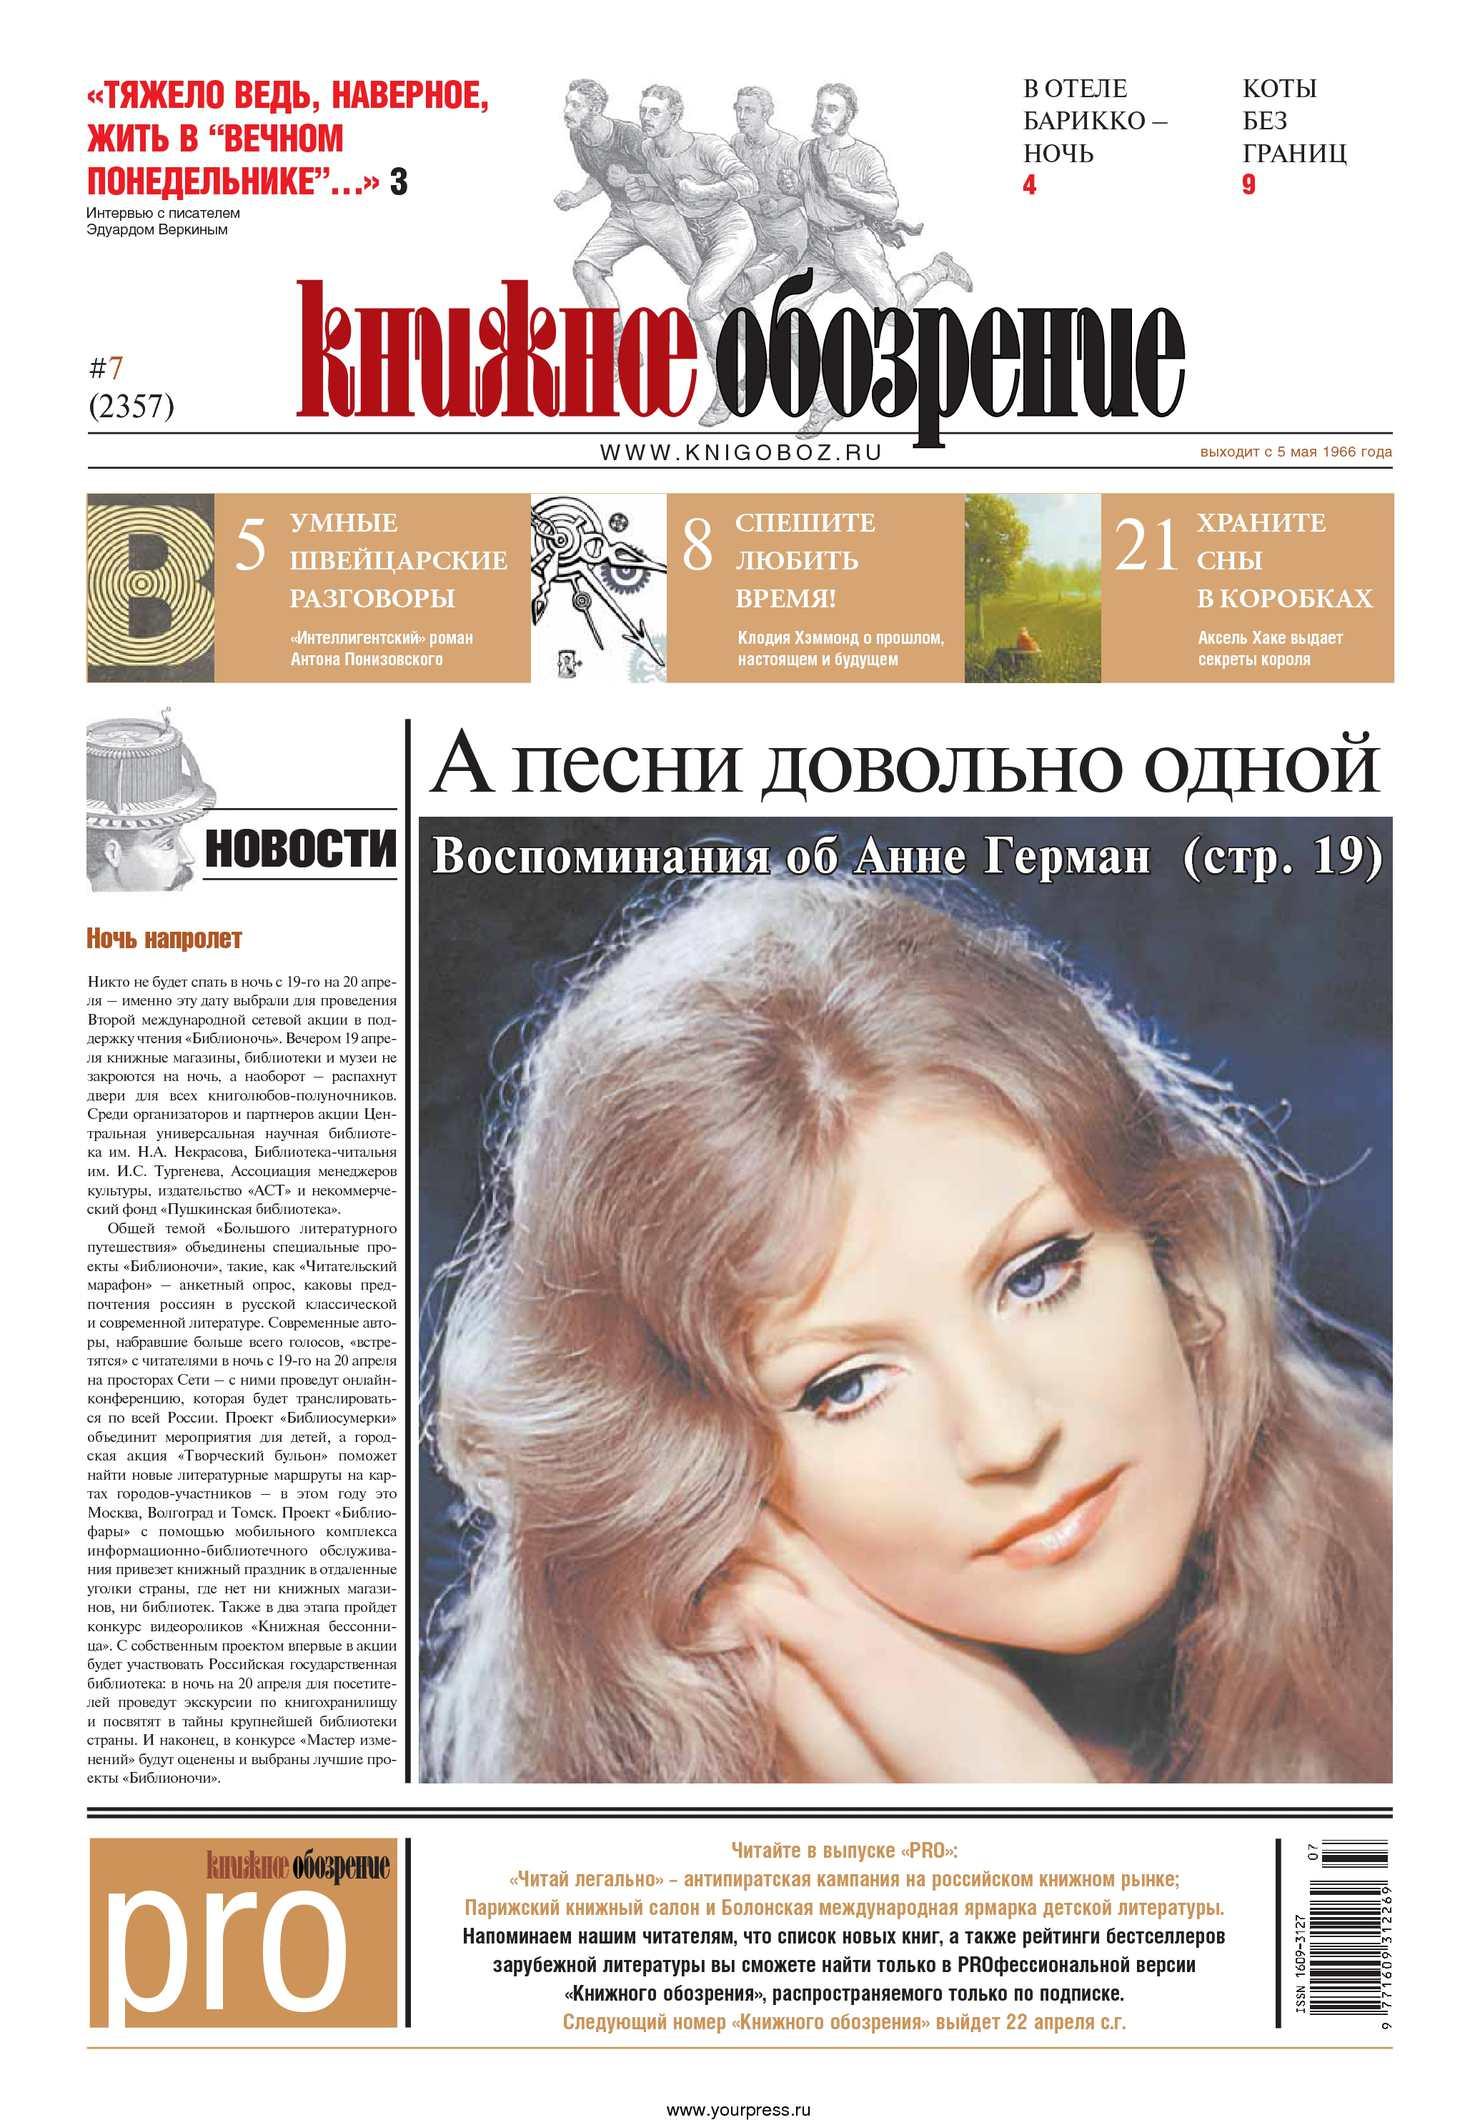 Газета. Книжное обозрение № 7 (2357)